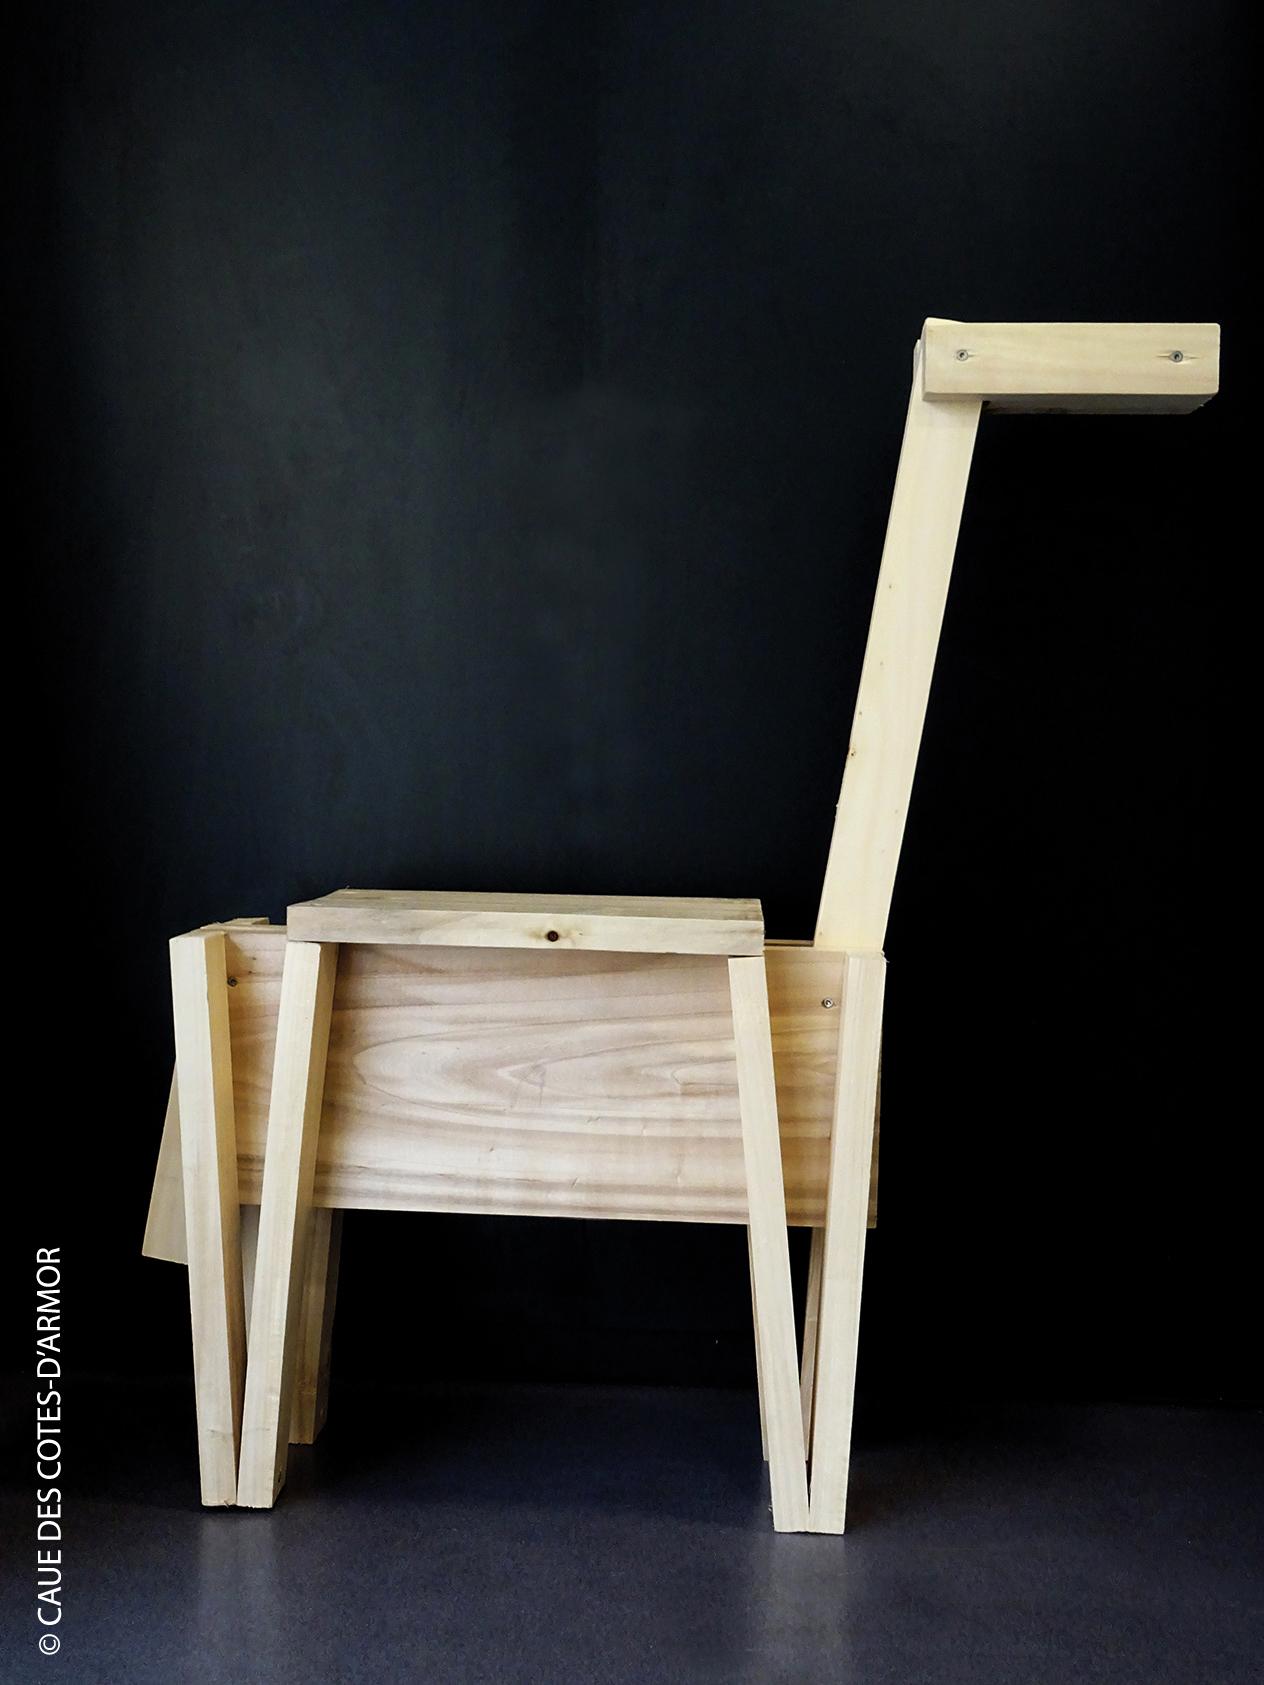 Fabriquer une chaise lama pour enfant